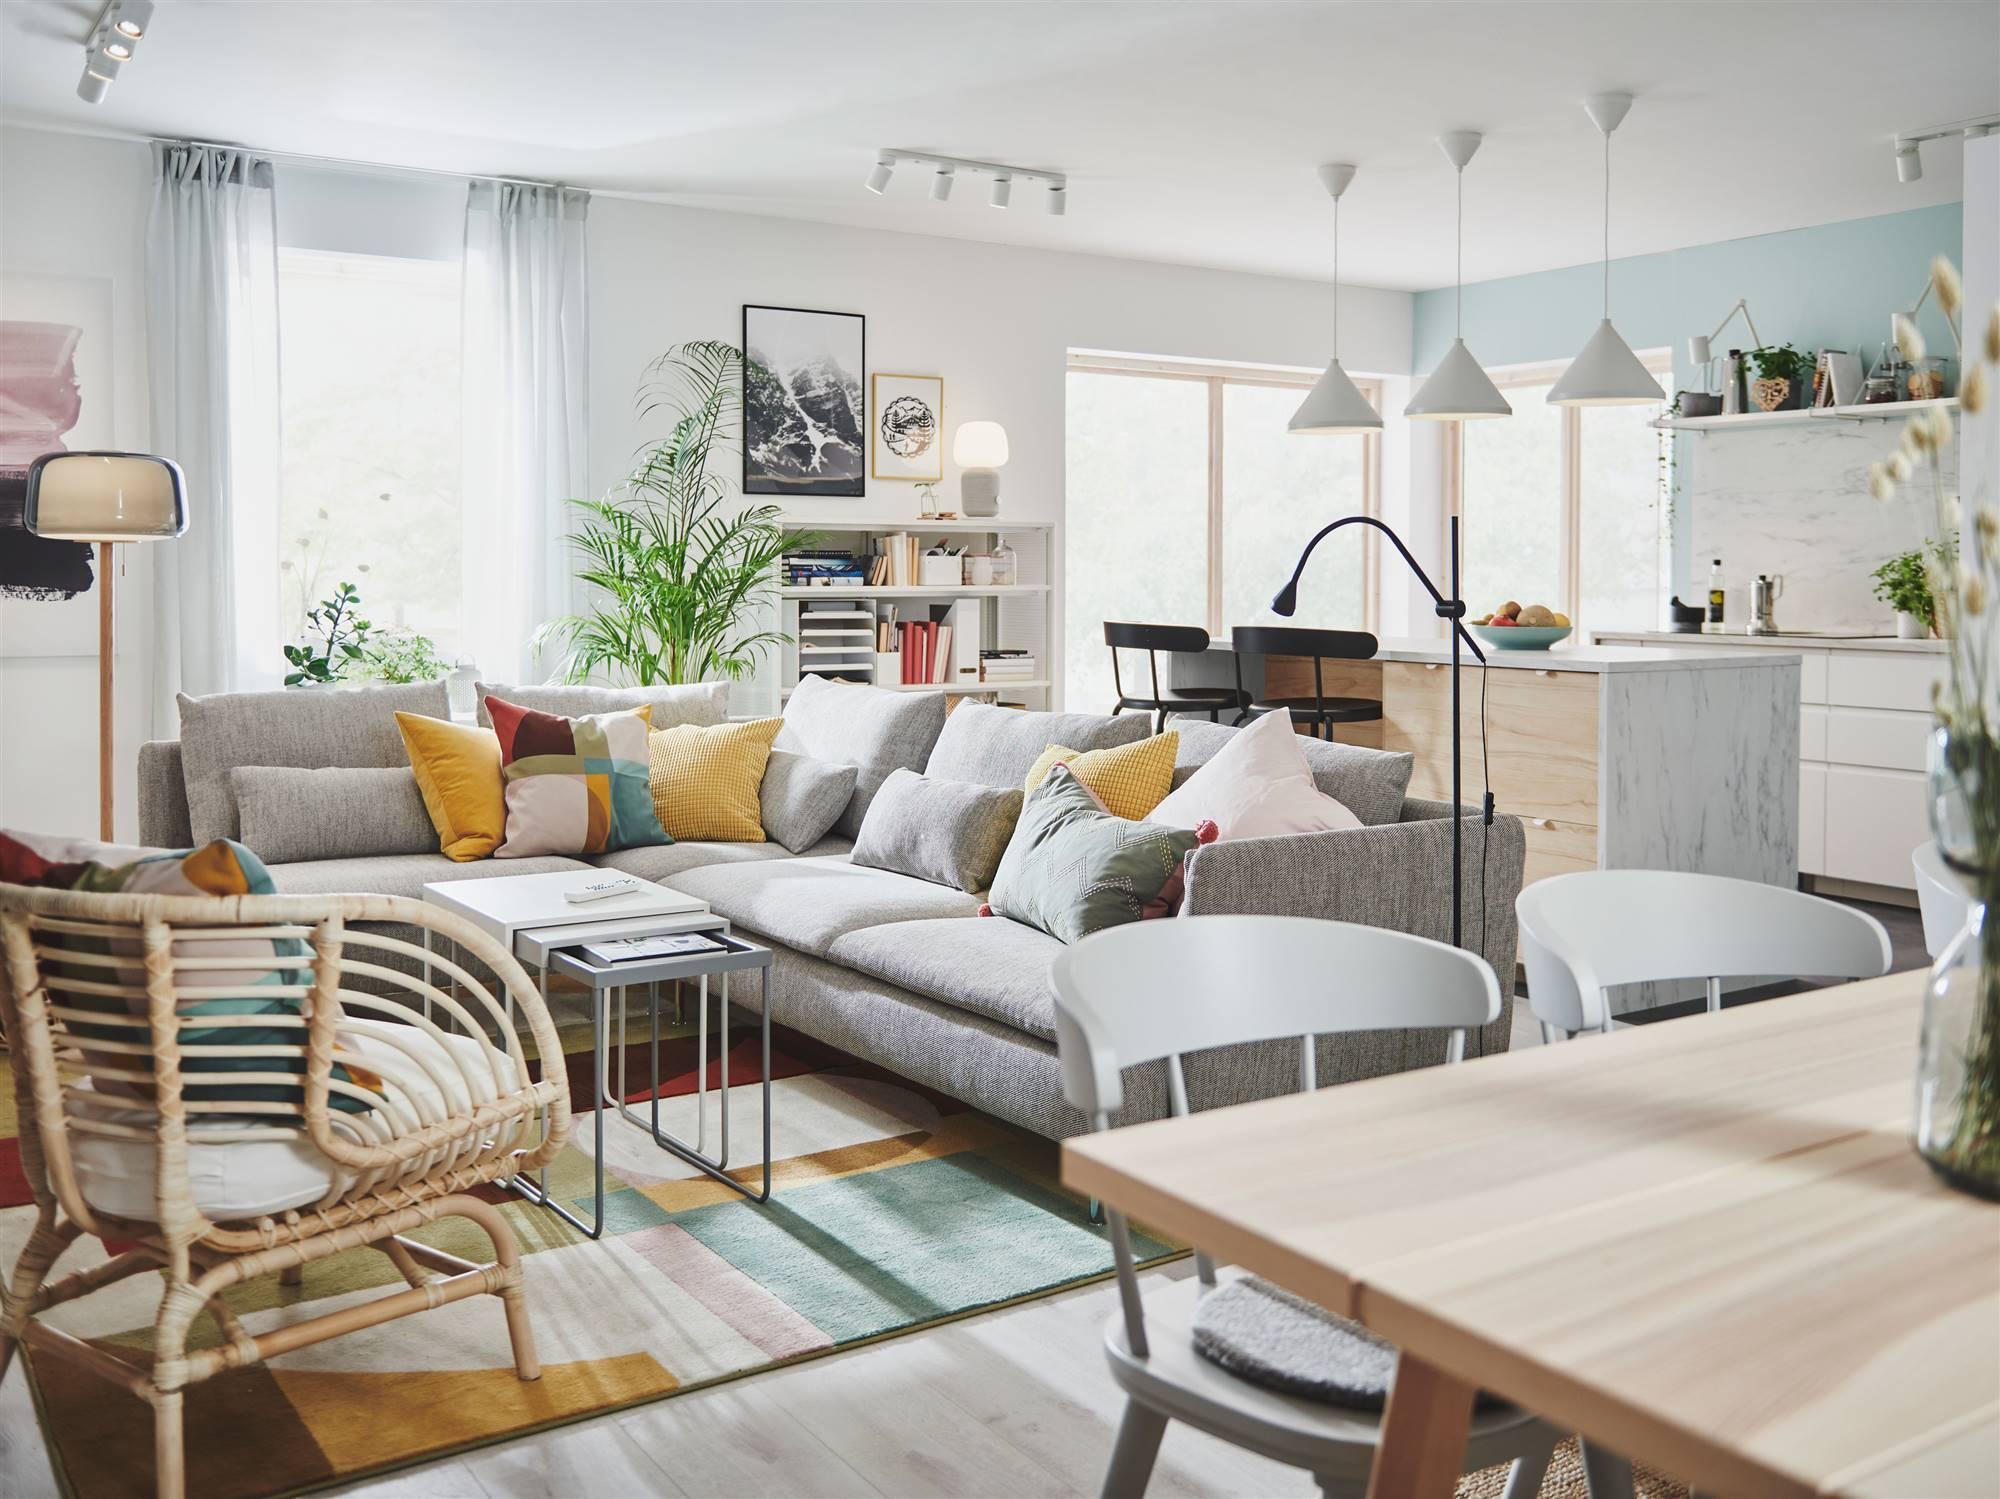 Catálogo Ikea 2021 Aquí Tienes La Versión Digital Con Todas Las Novedades